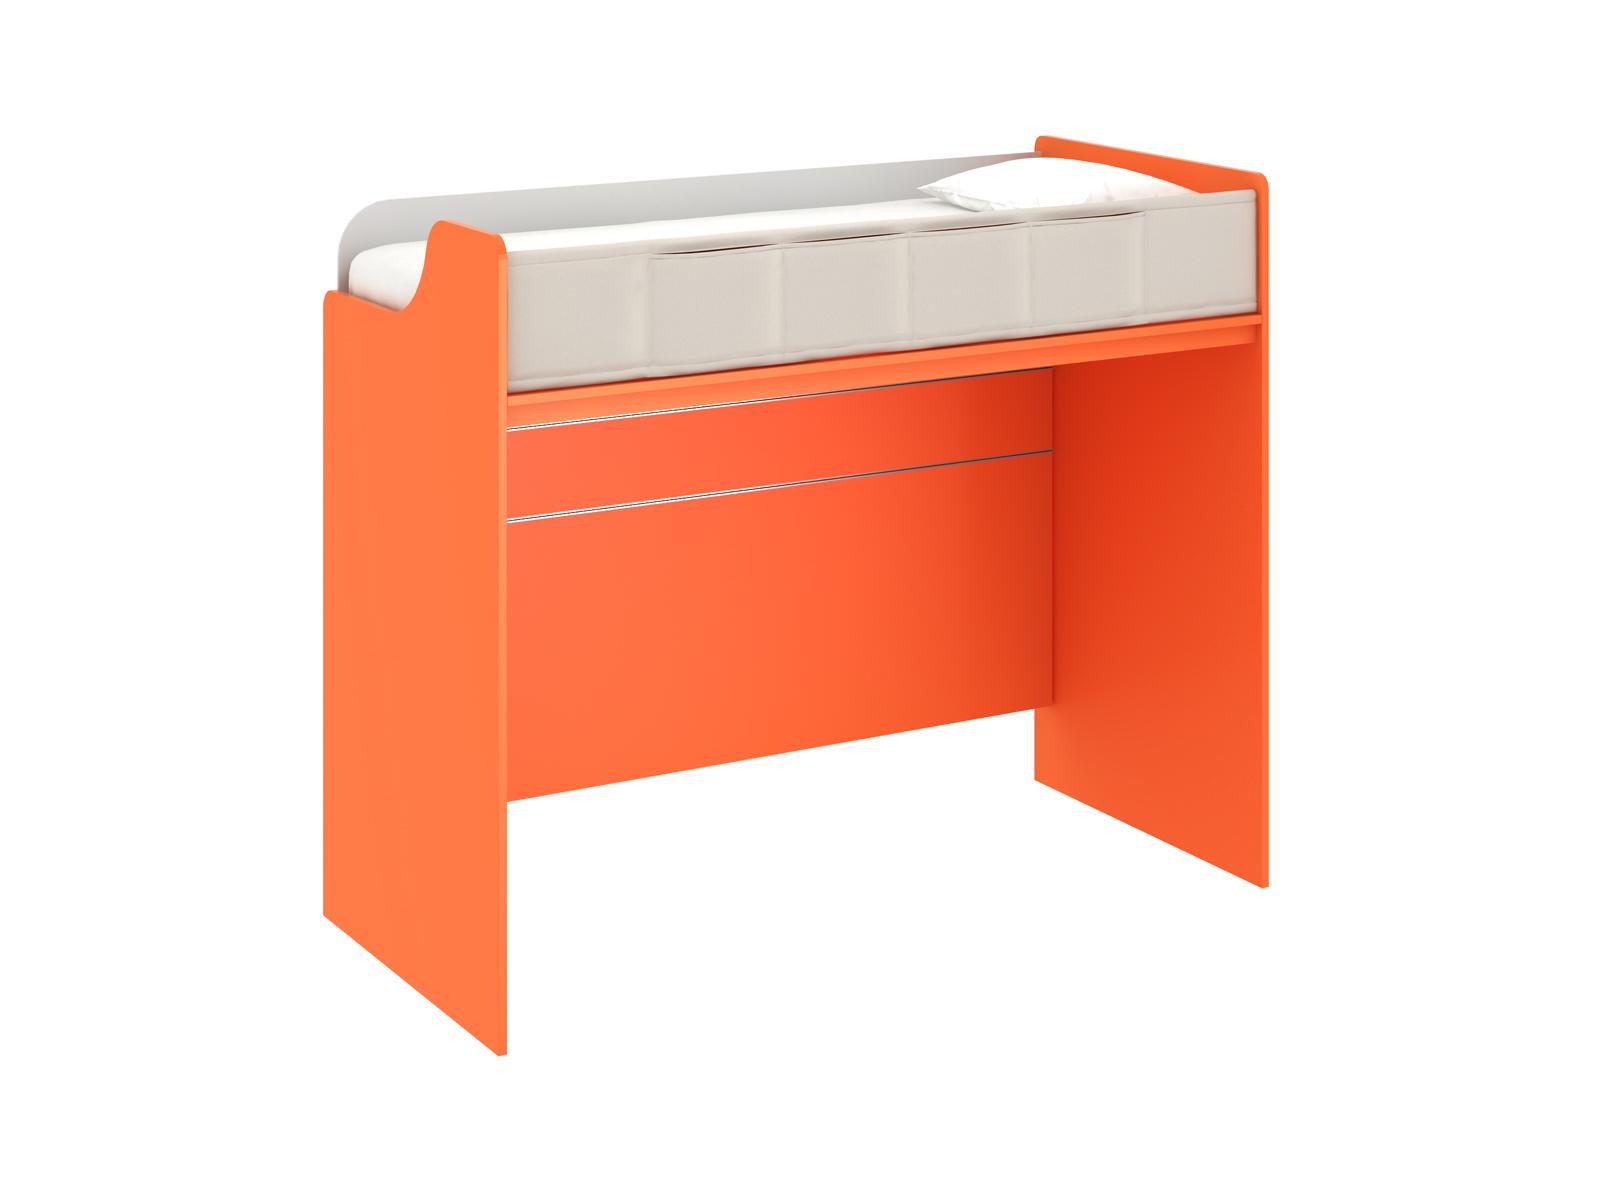 Кровать-чердак PinokkioКровати<br>Кровать-чердак. Размер спального места верхнего яруса -1000х2100 мм. Фасад верхнего яруса оформлен тканевым чехлом с карманами. В нижнем ярусе можно поставить угловой стол, односпальную кровать или низкий шкаф. Обязательно комплектуется лестницей.<br>